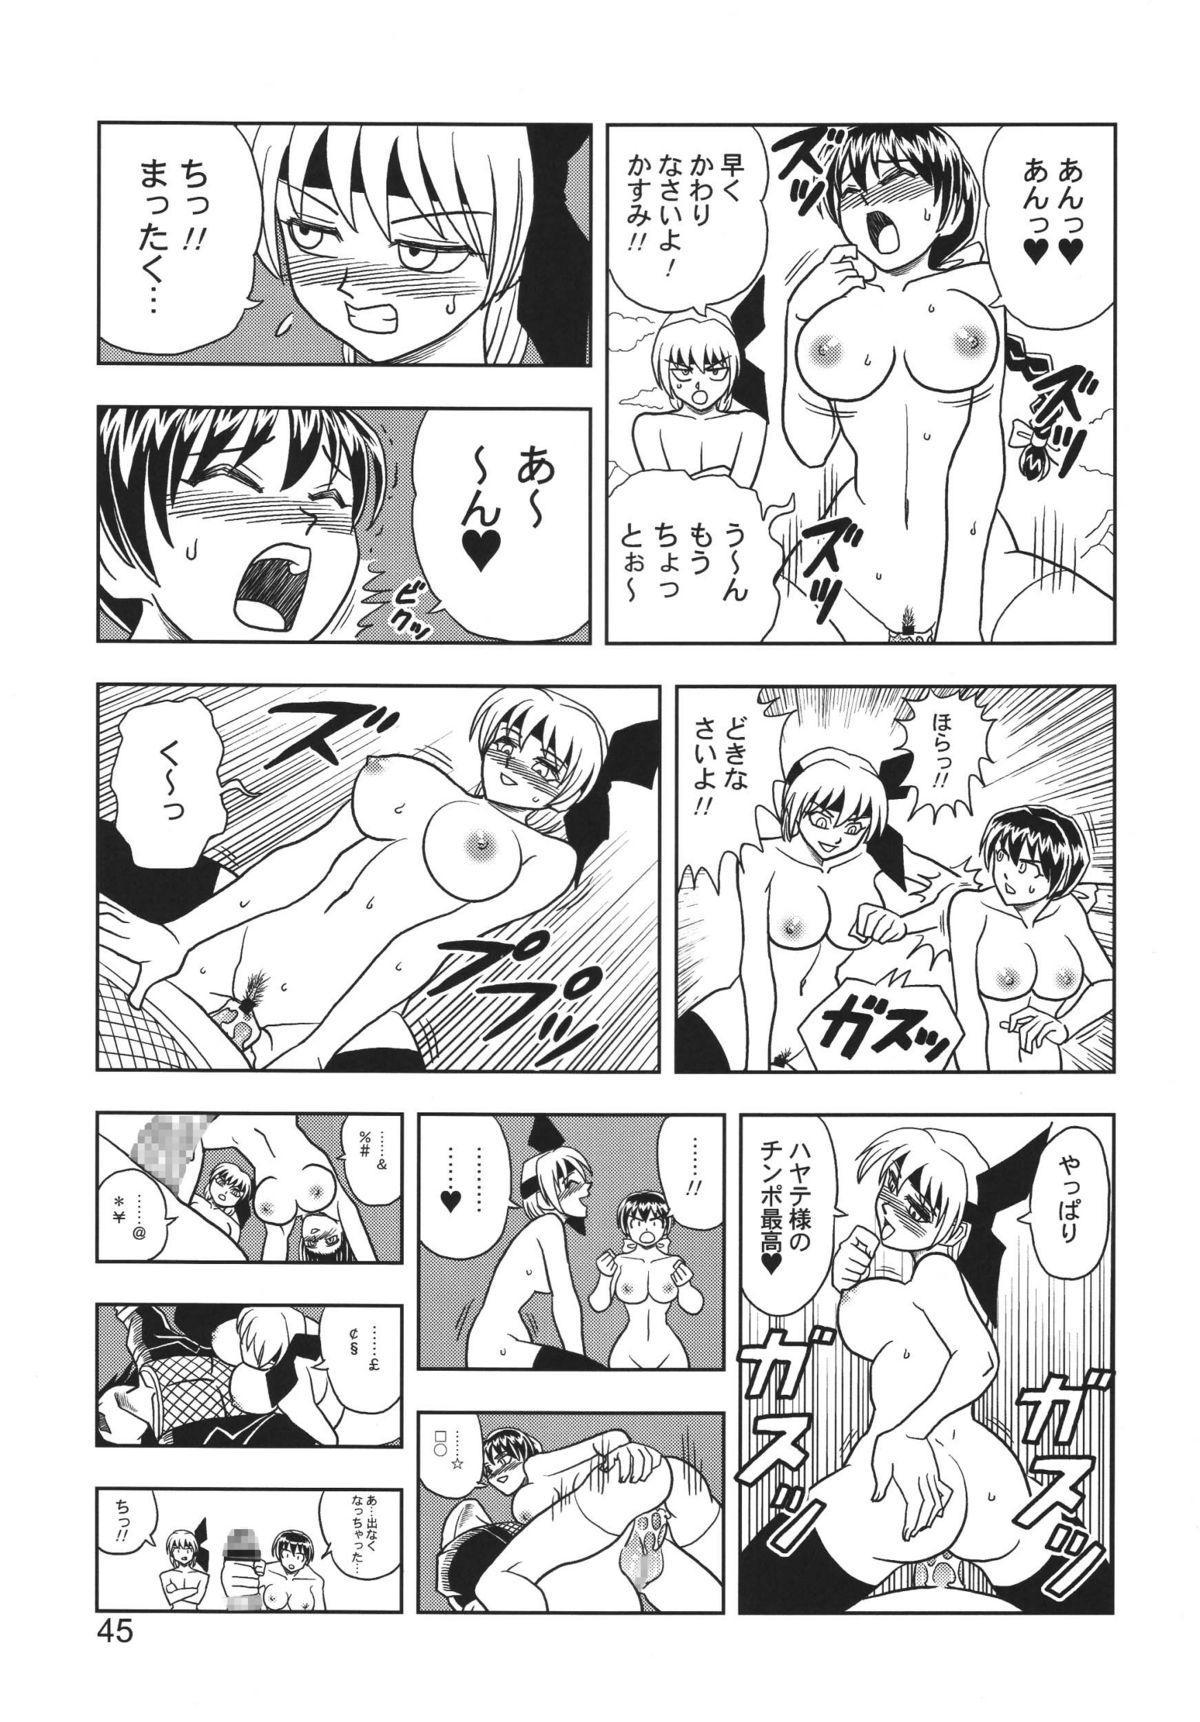 Kasumi or Ayane 44